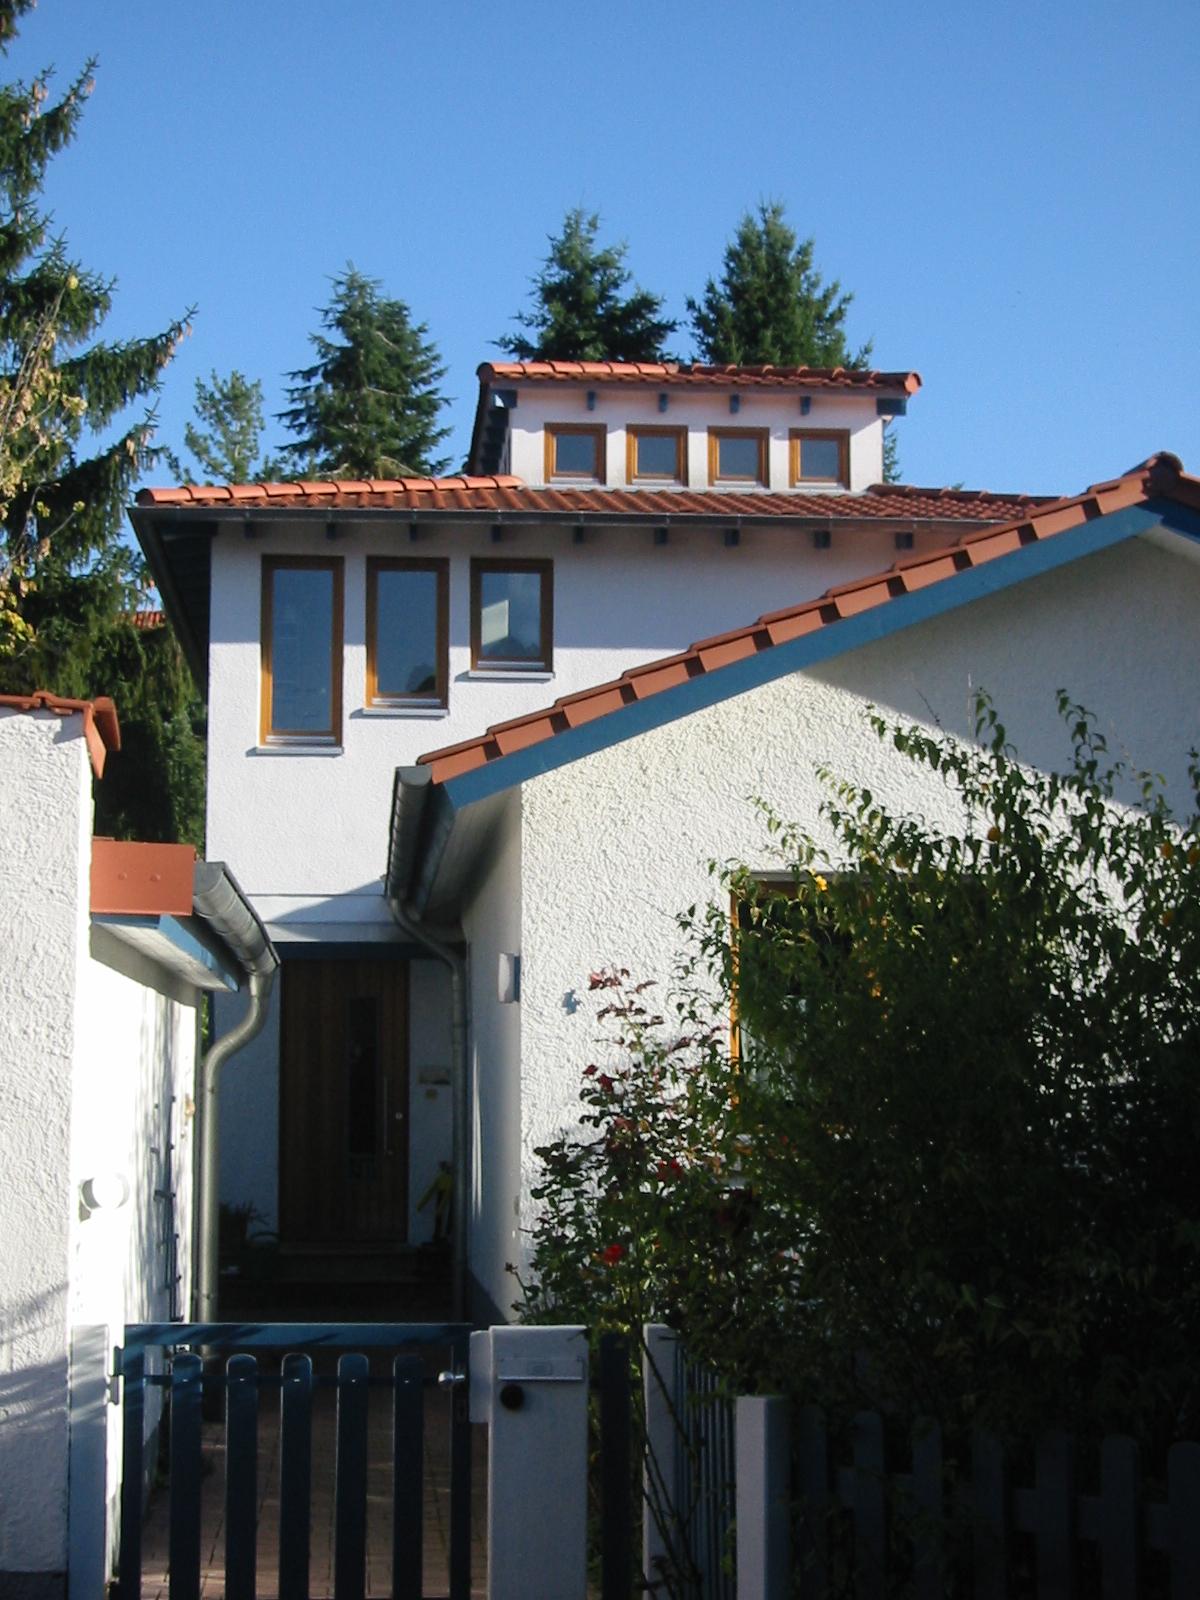 2001 Aufstockung Einfamilienhaus Bild 2